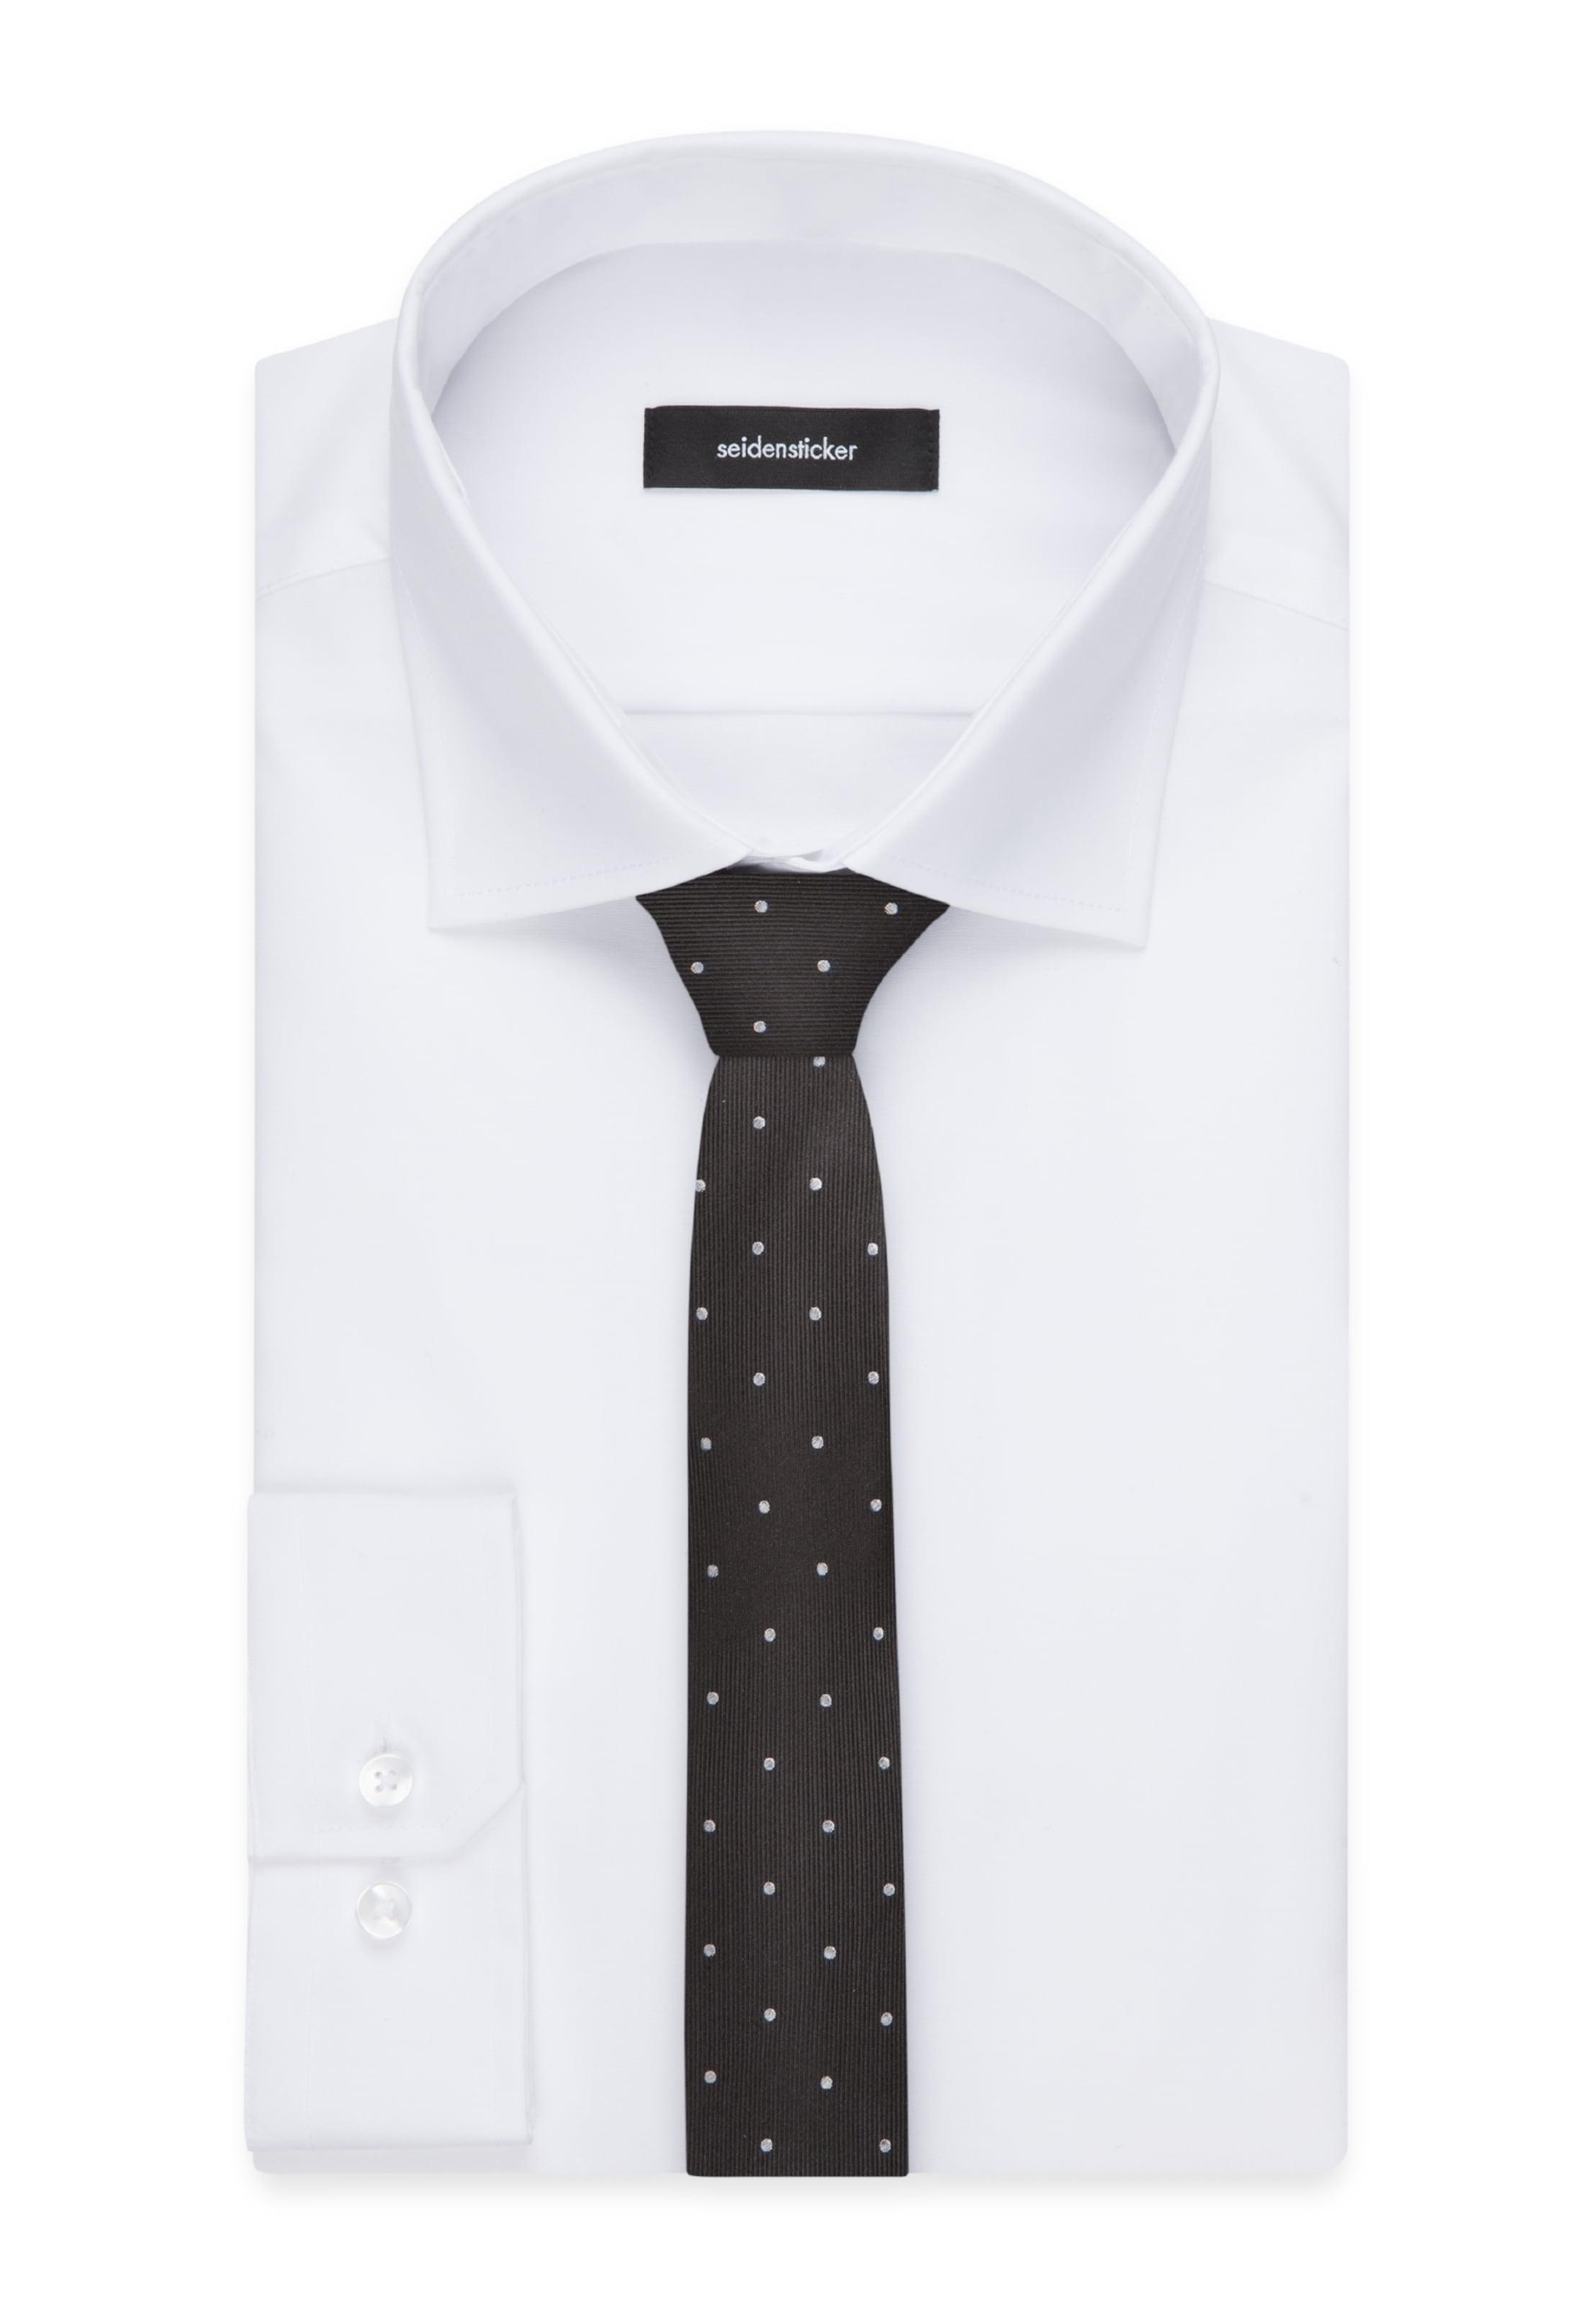 Krawatte Seidensticker 'slim' In SchwarzWeiß Seidensticker 'slim' Seidensticker Krawatte SchwarzWeiß Krawatte 'slim' In vO80PymNnw